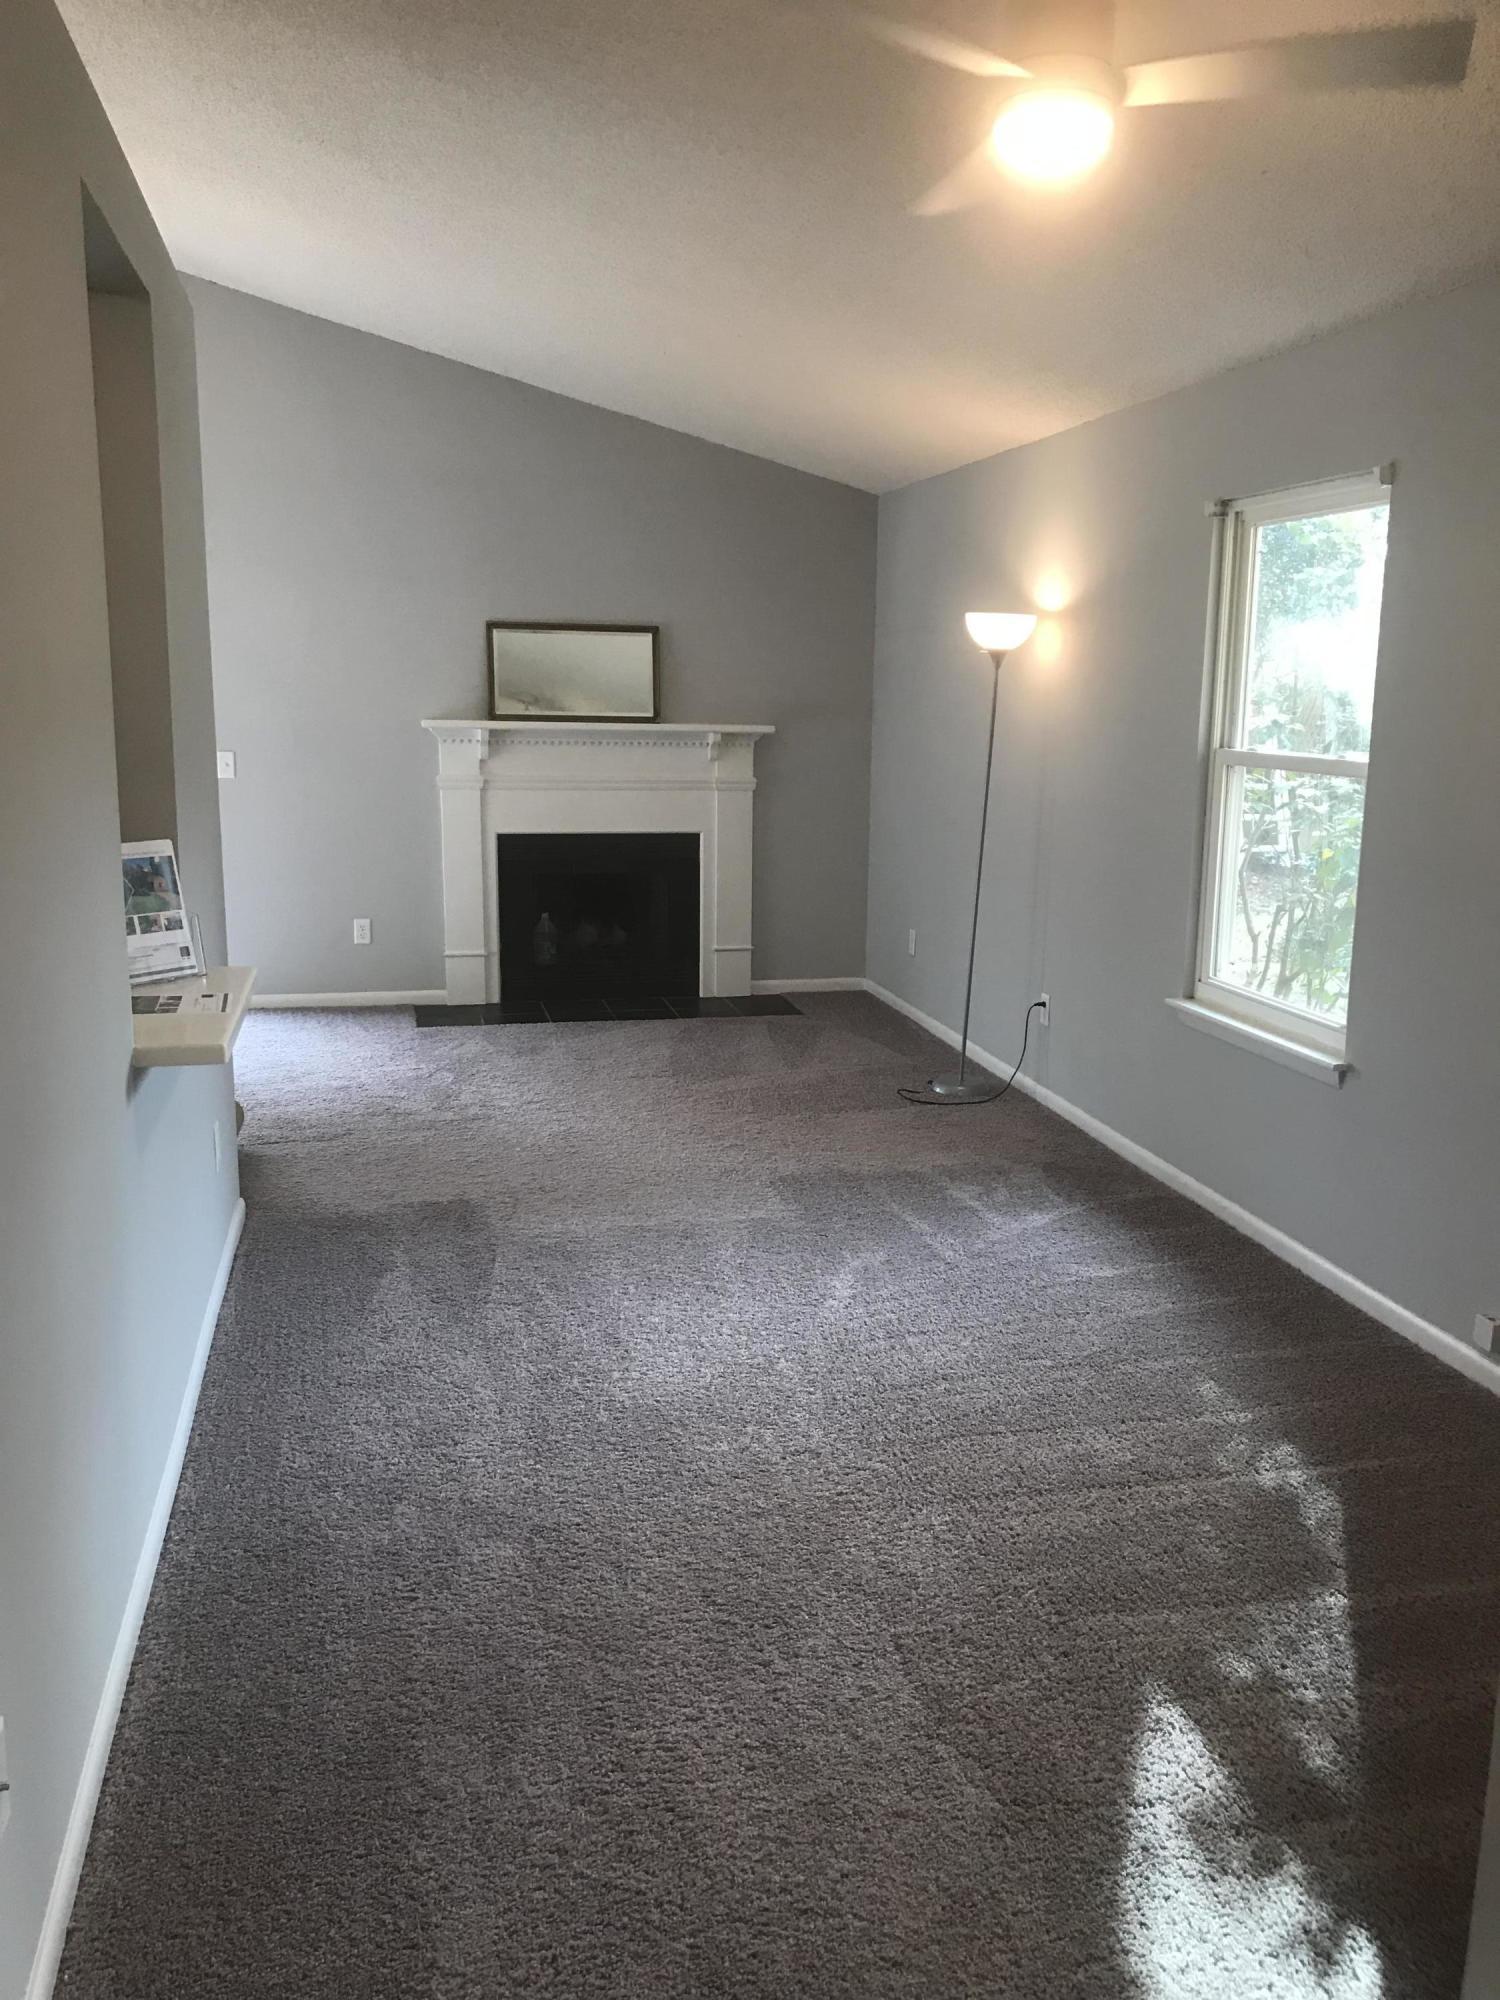 Willow Walk Homes For Sale - 1102 Oakcrest, Charleston, SC - 23